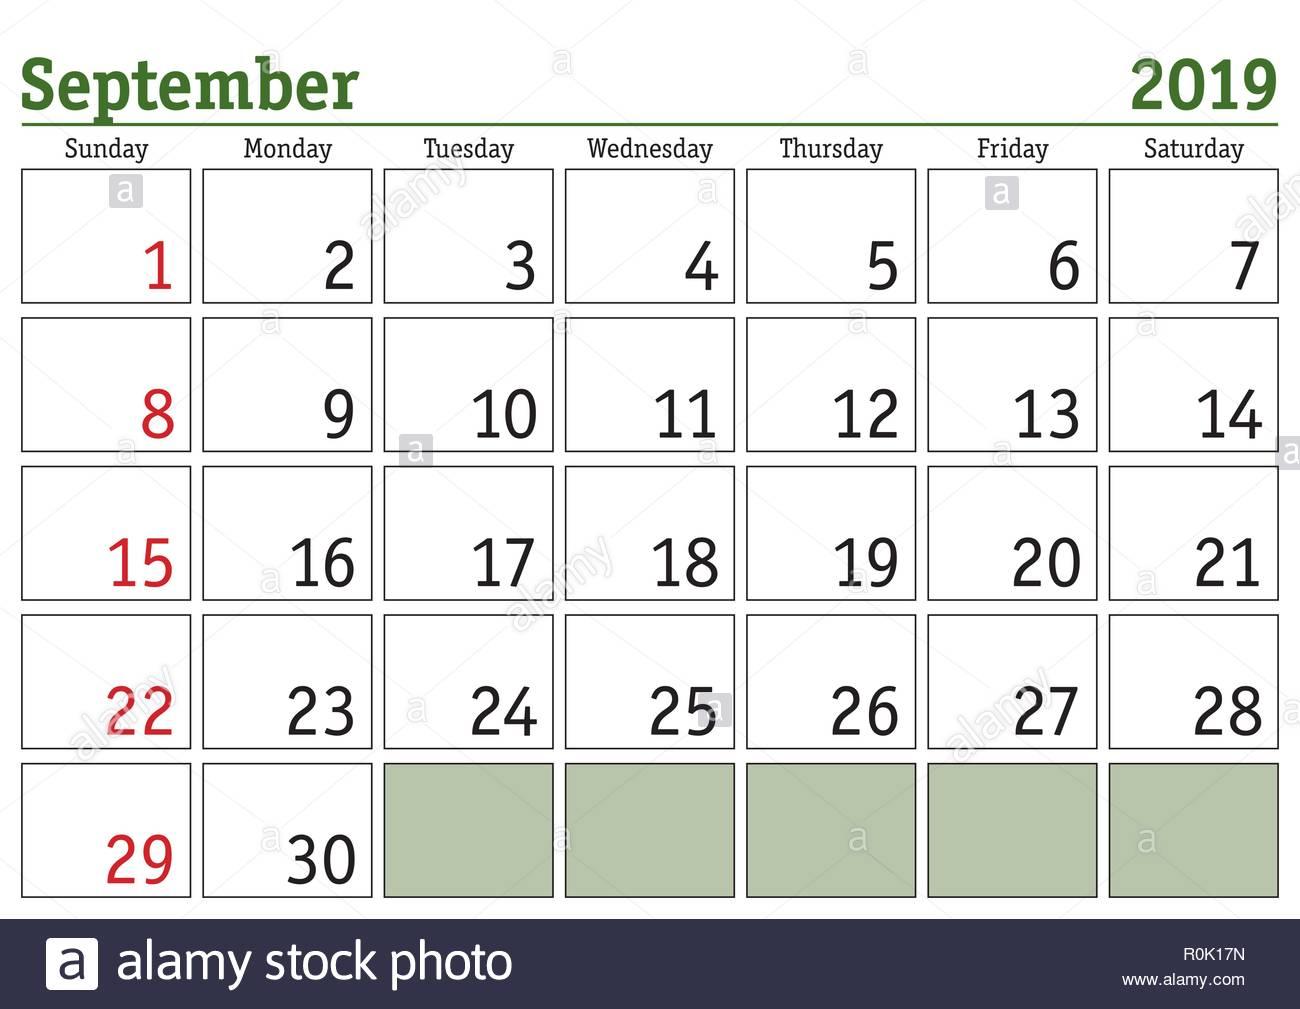 Calendario De Septiembre.Calendario Digital Simple Para Septiembre De 2019 Calendario